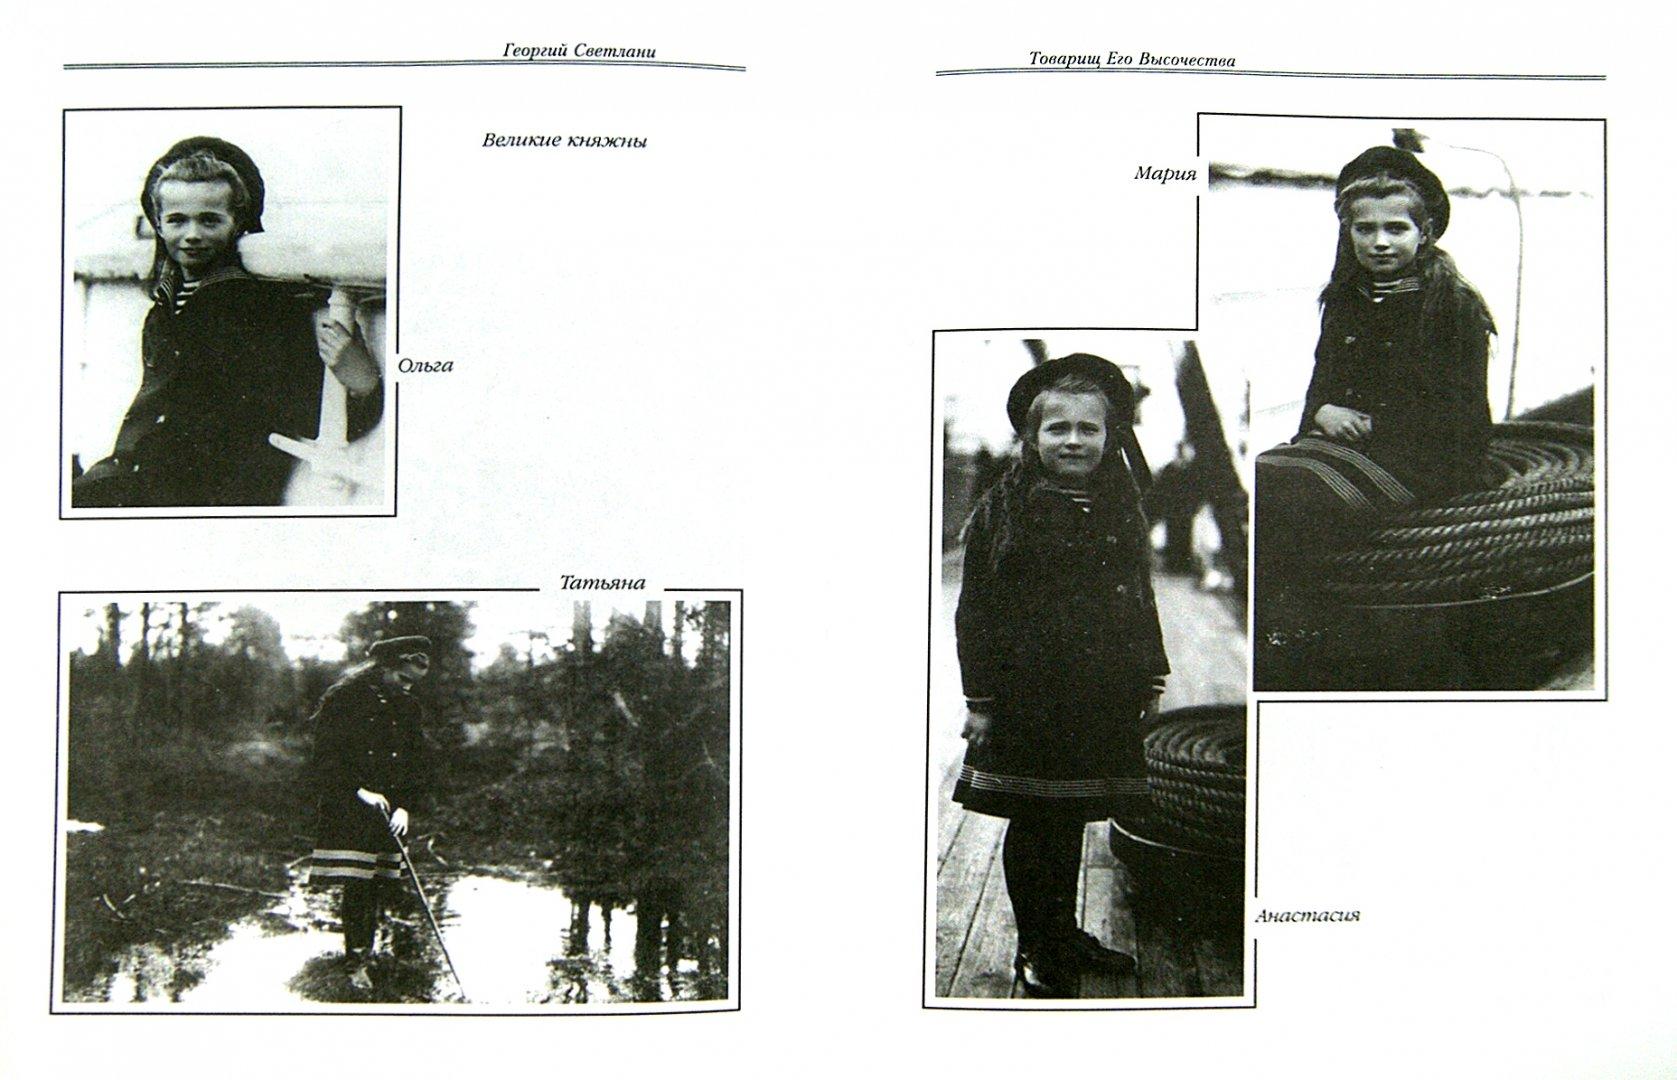 Иллюстрация 1 из 41 для Товарищ его Высочества - Светлани, Капков | Лабиринт - книги. Источник: Лабиринт